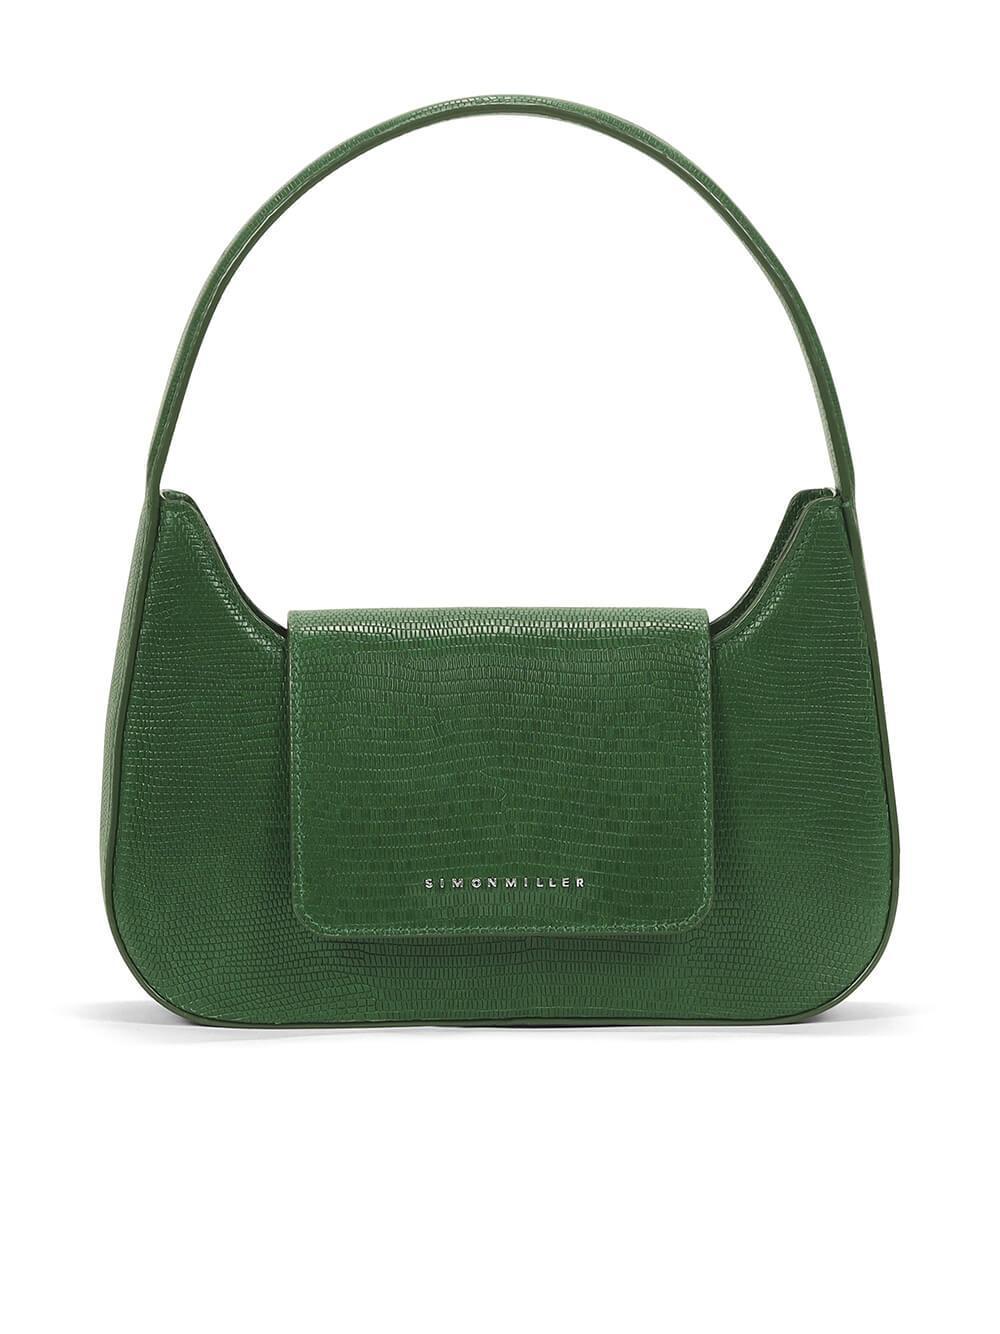 Retro Lizard Bag Item # S834-9044-96009